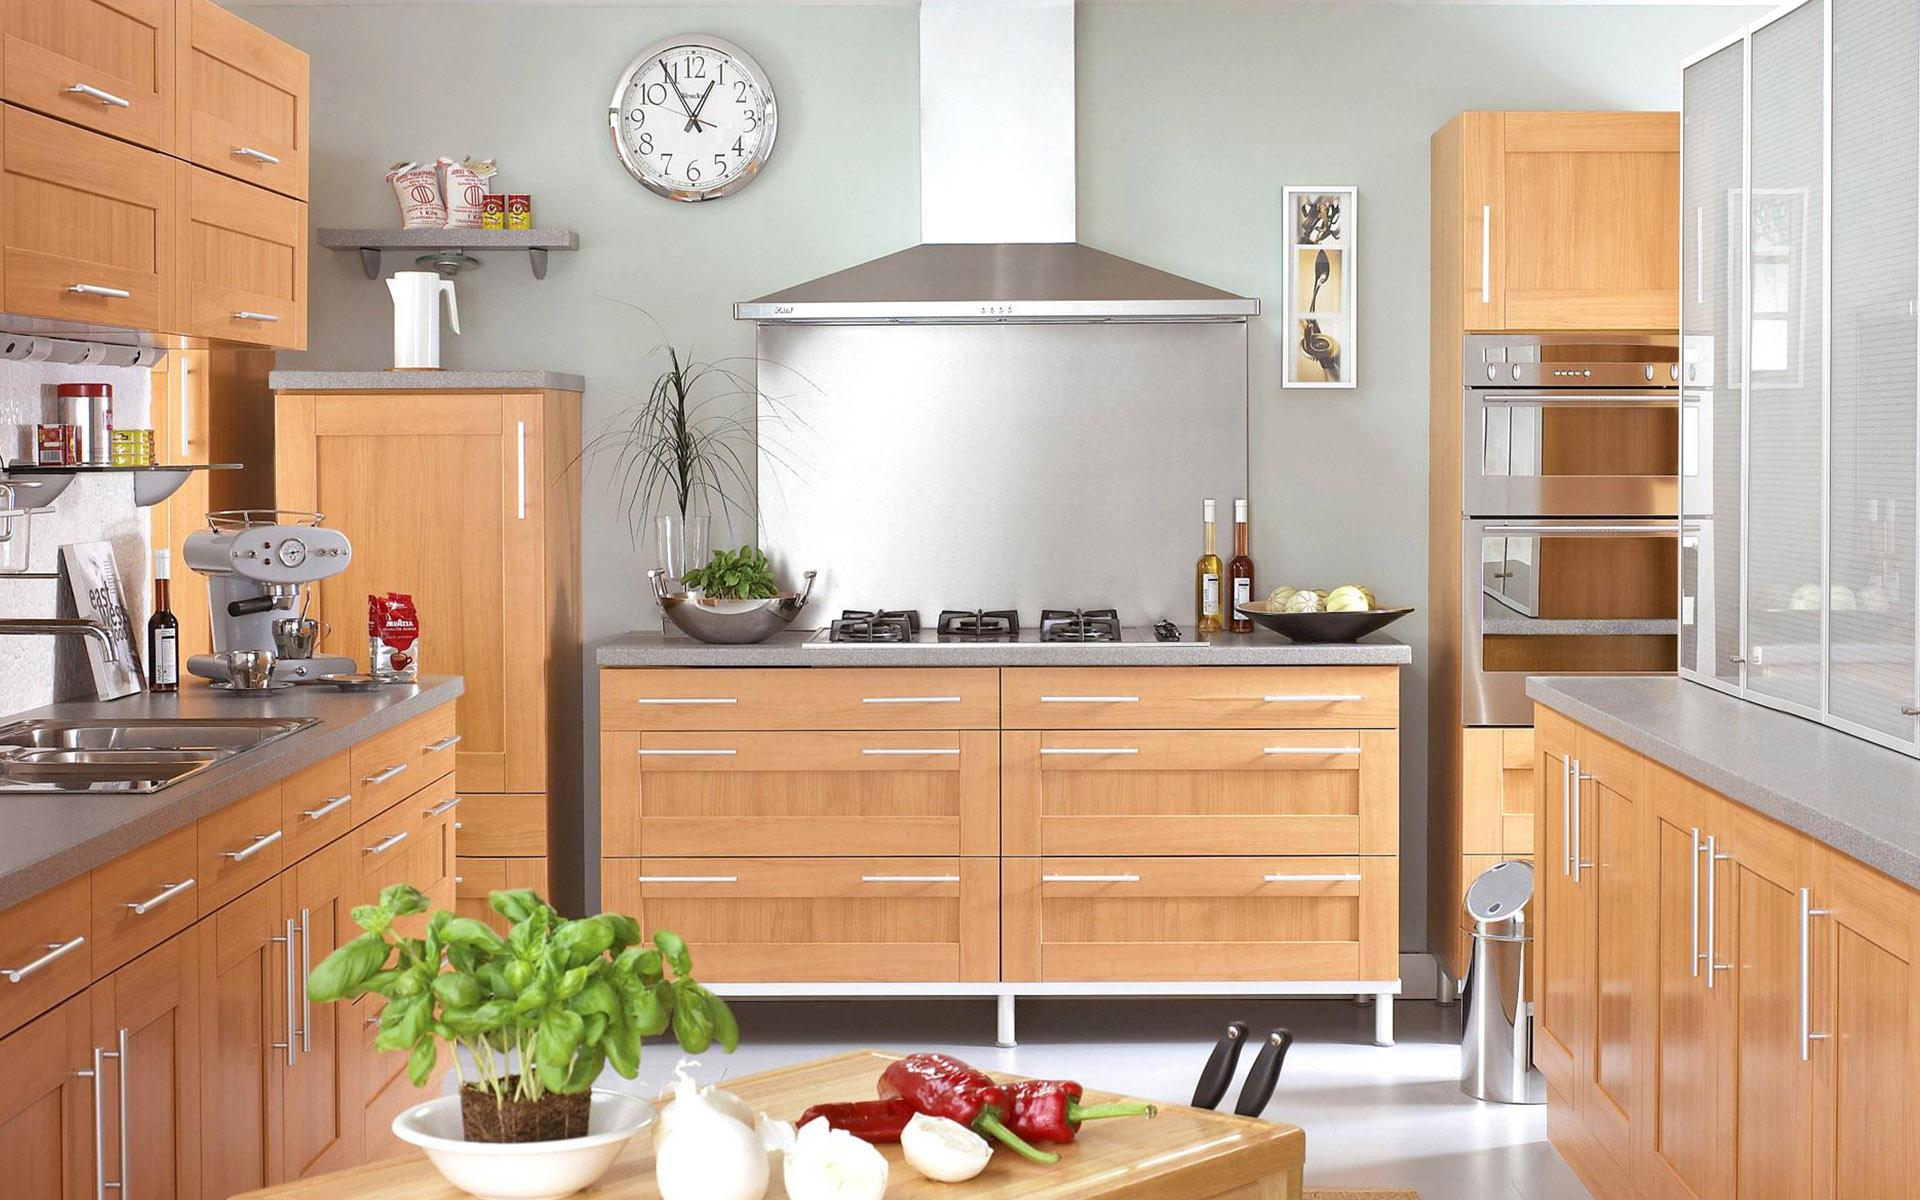 2017小厨房装修效果图推荐 五脏俱全的厨房设计